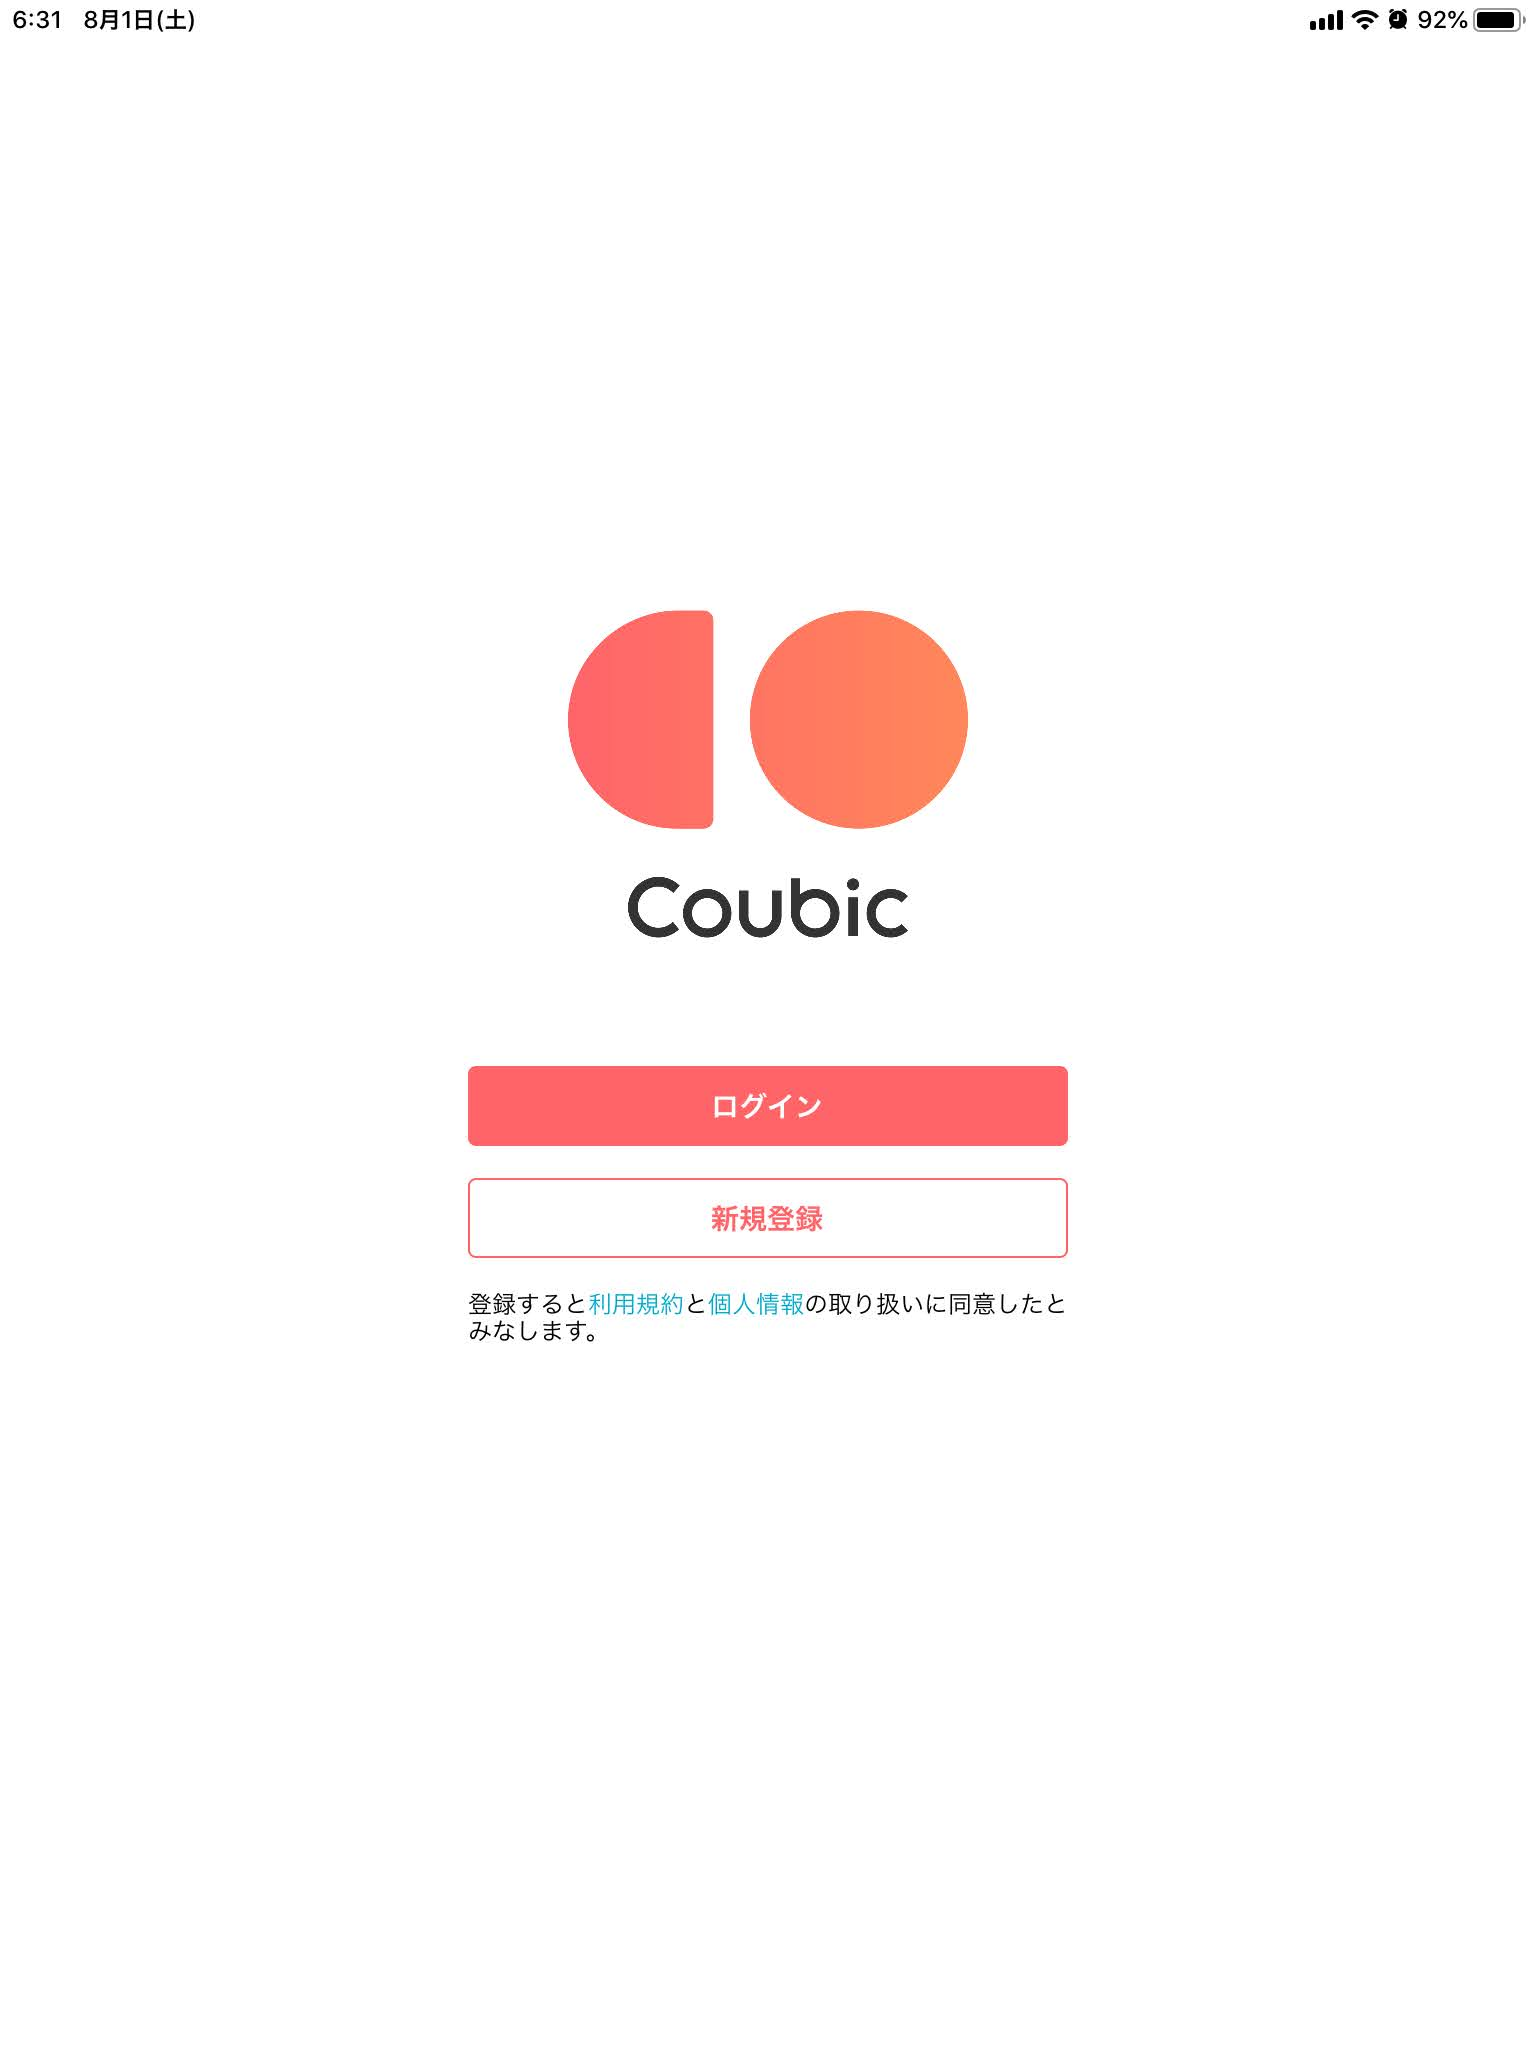 クービックアプリ・URLを表示しログインをクリック